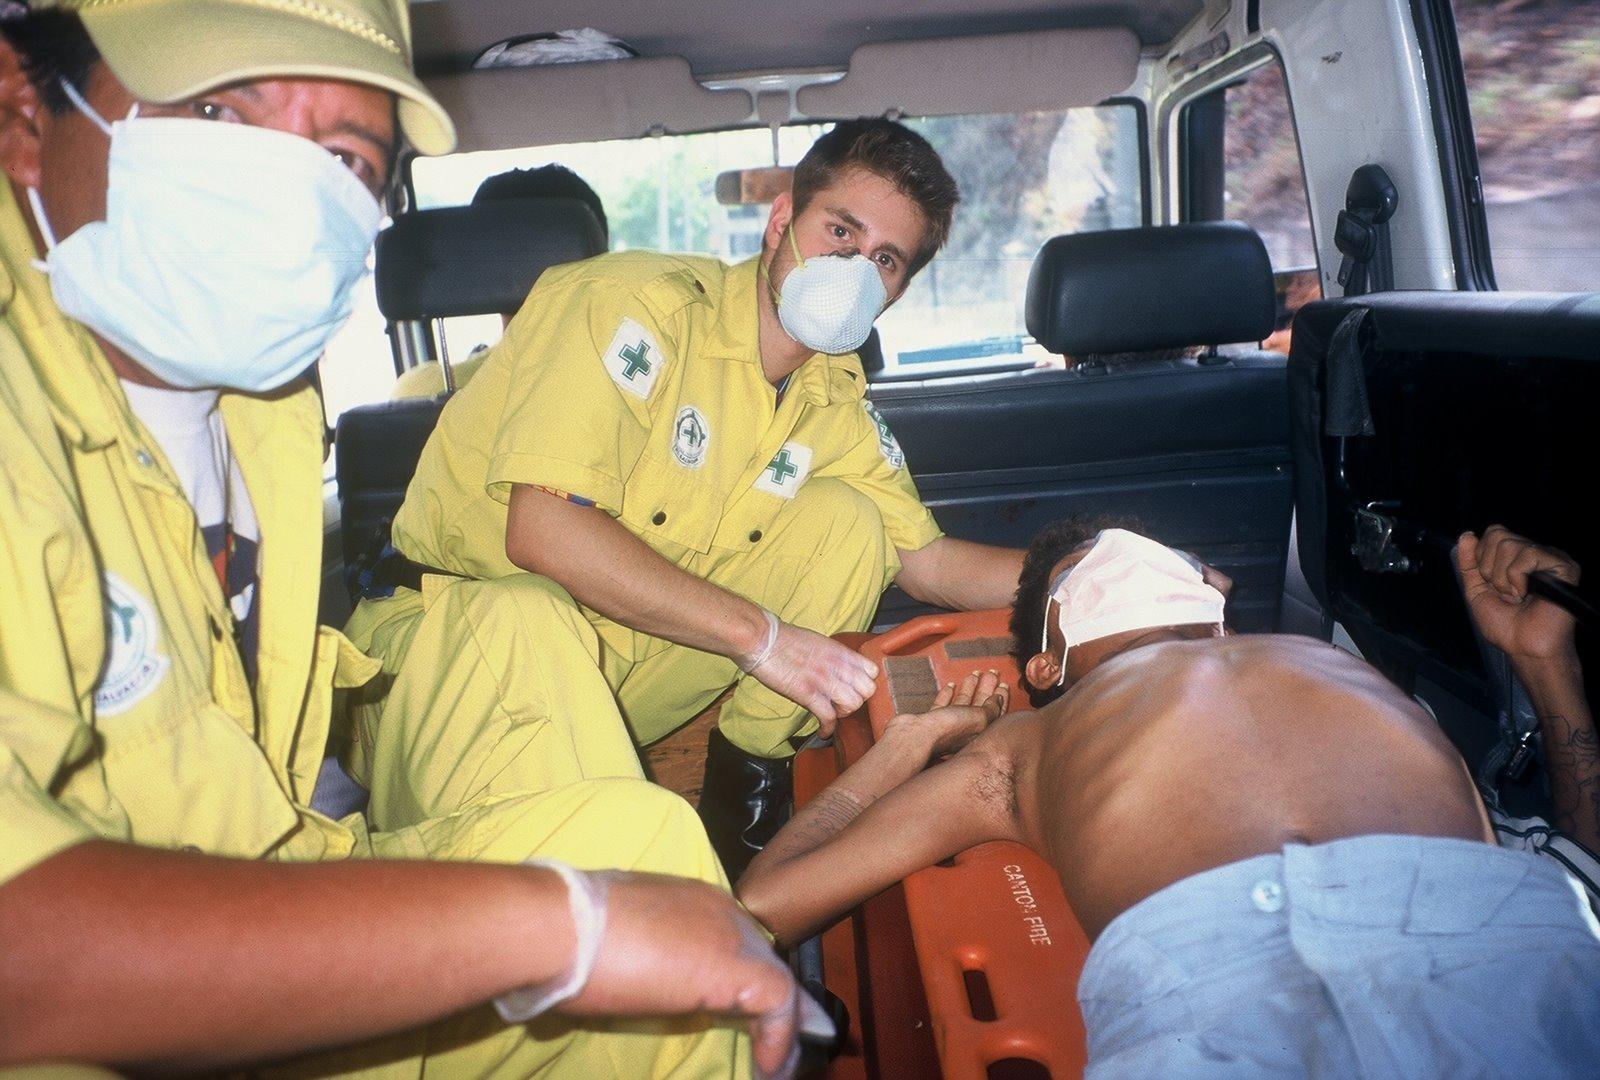 EMTs-2001